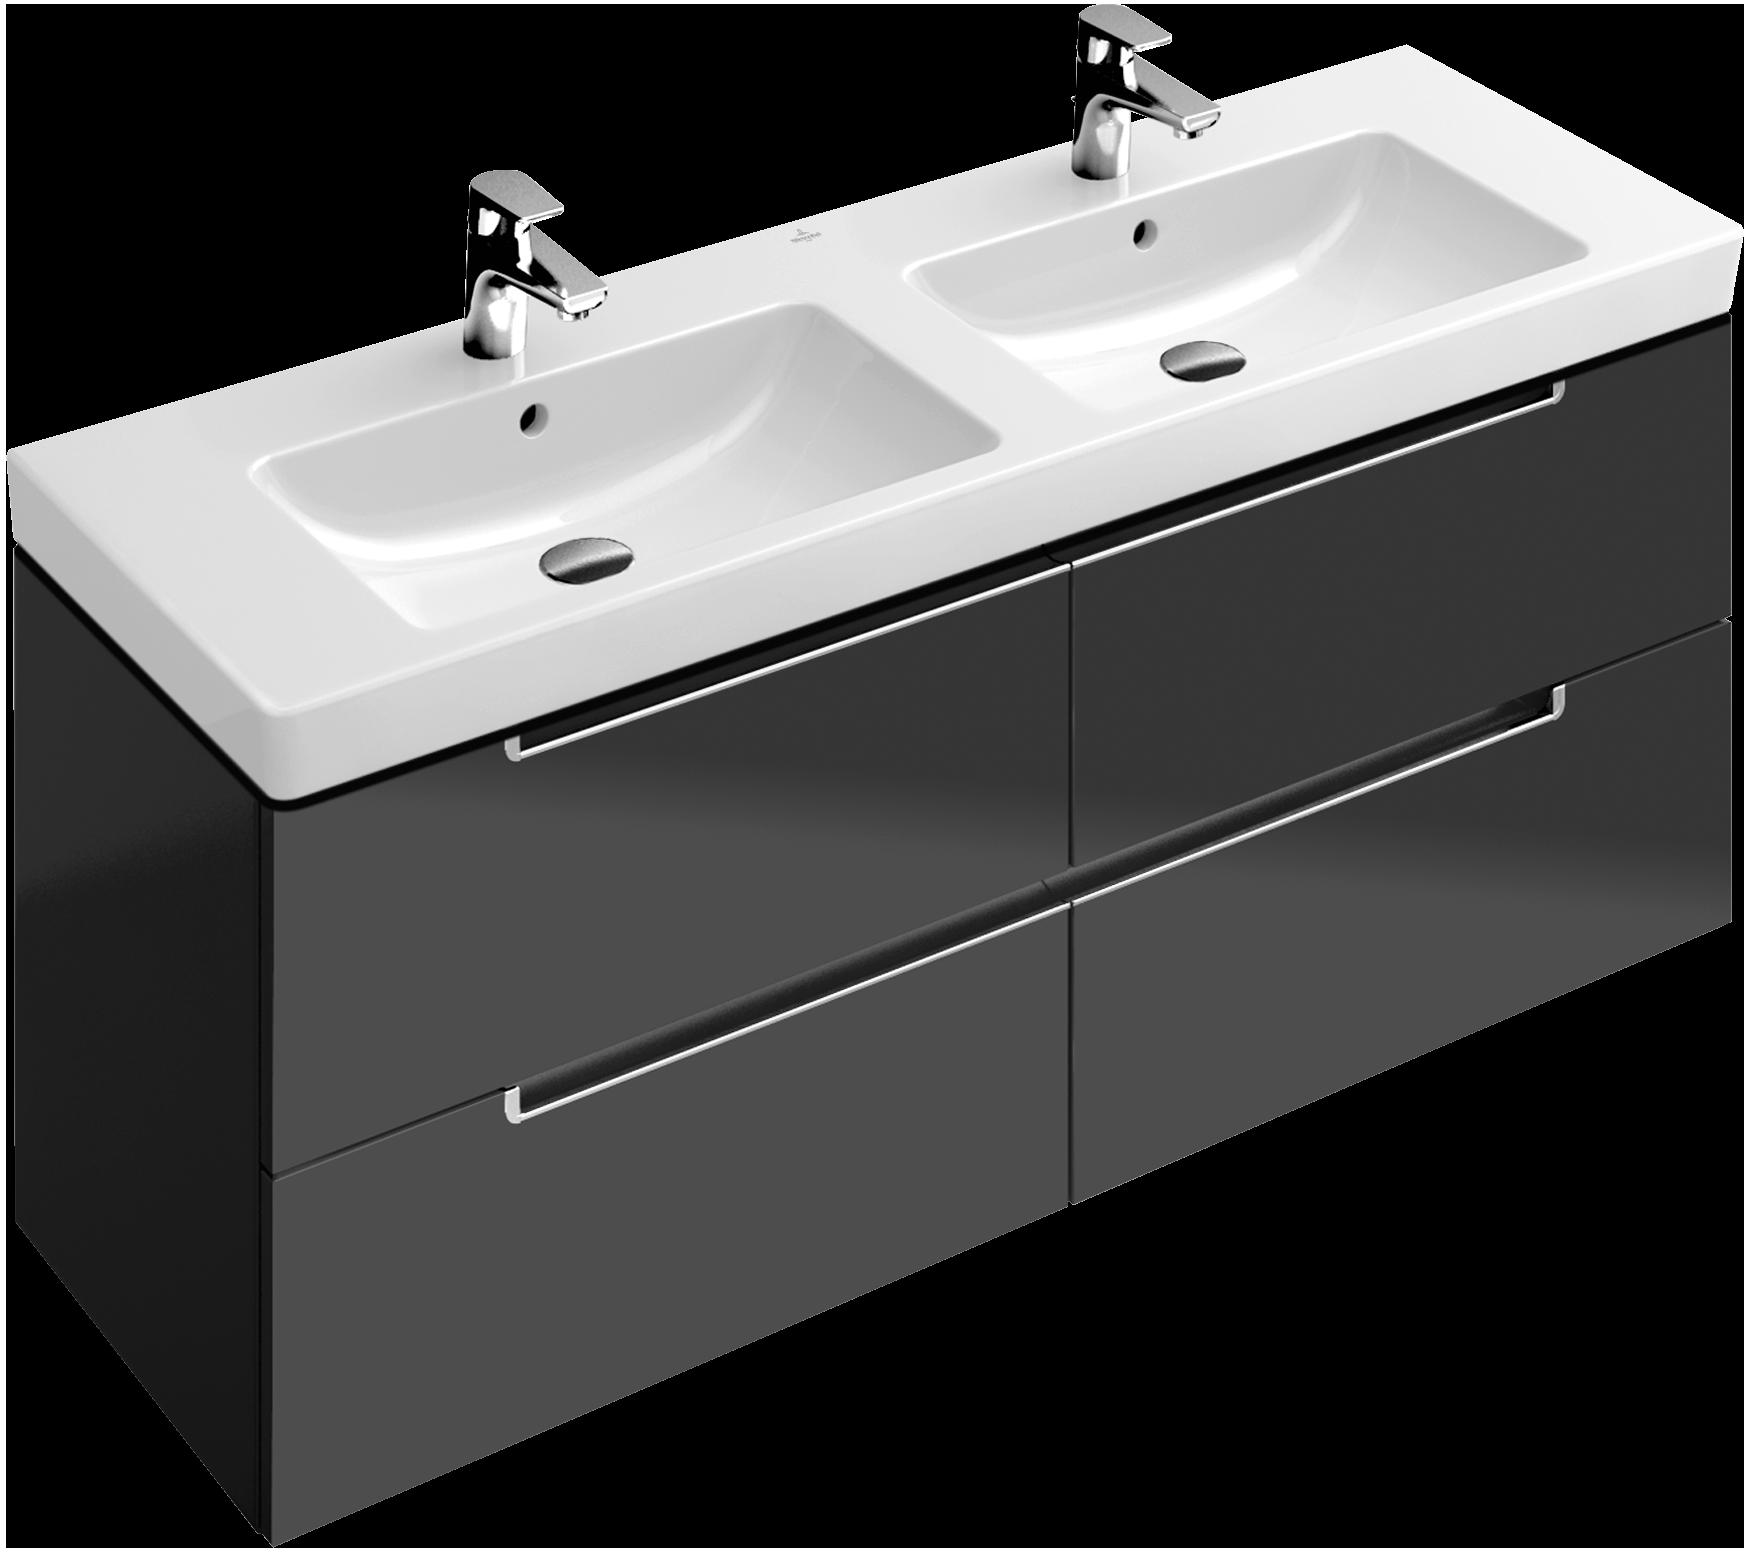 Subway 2 0 Waschtischunterschrank A69210 Badezimmerwaschtisch Schminktisch Badezimmerideen